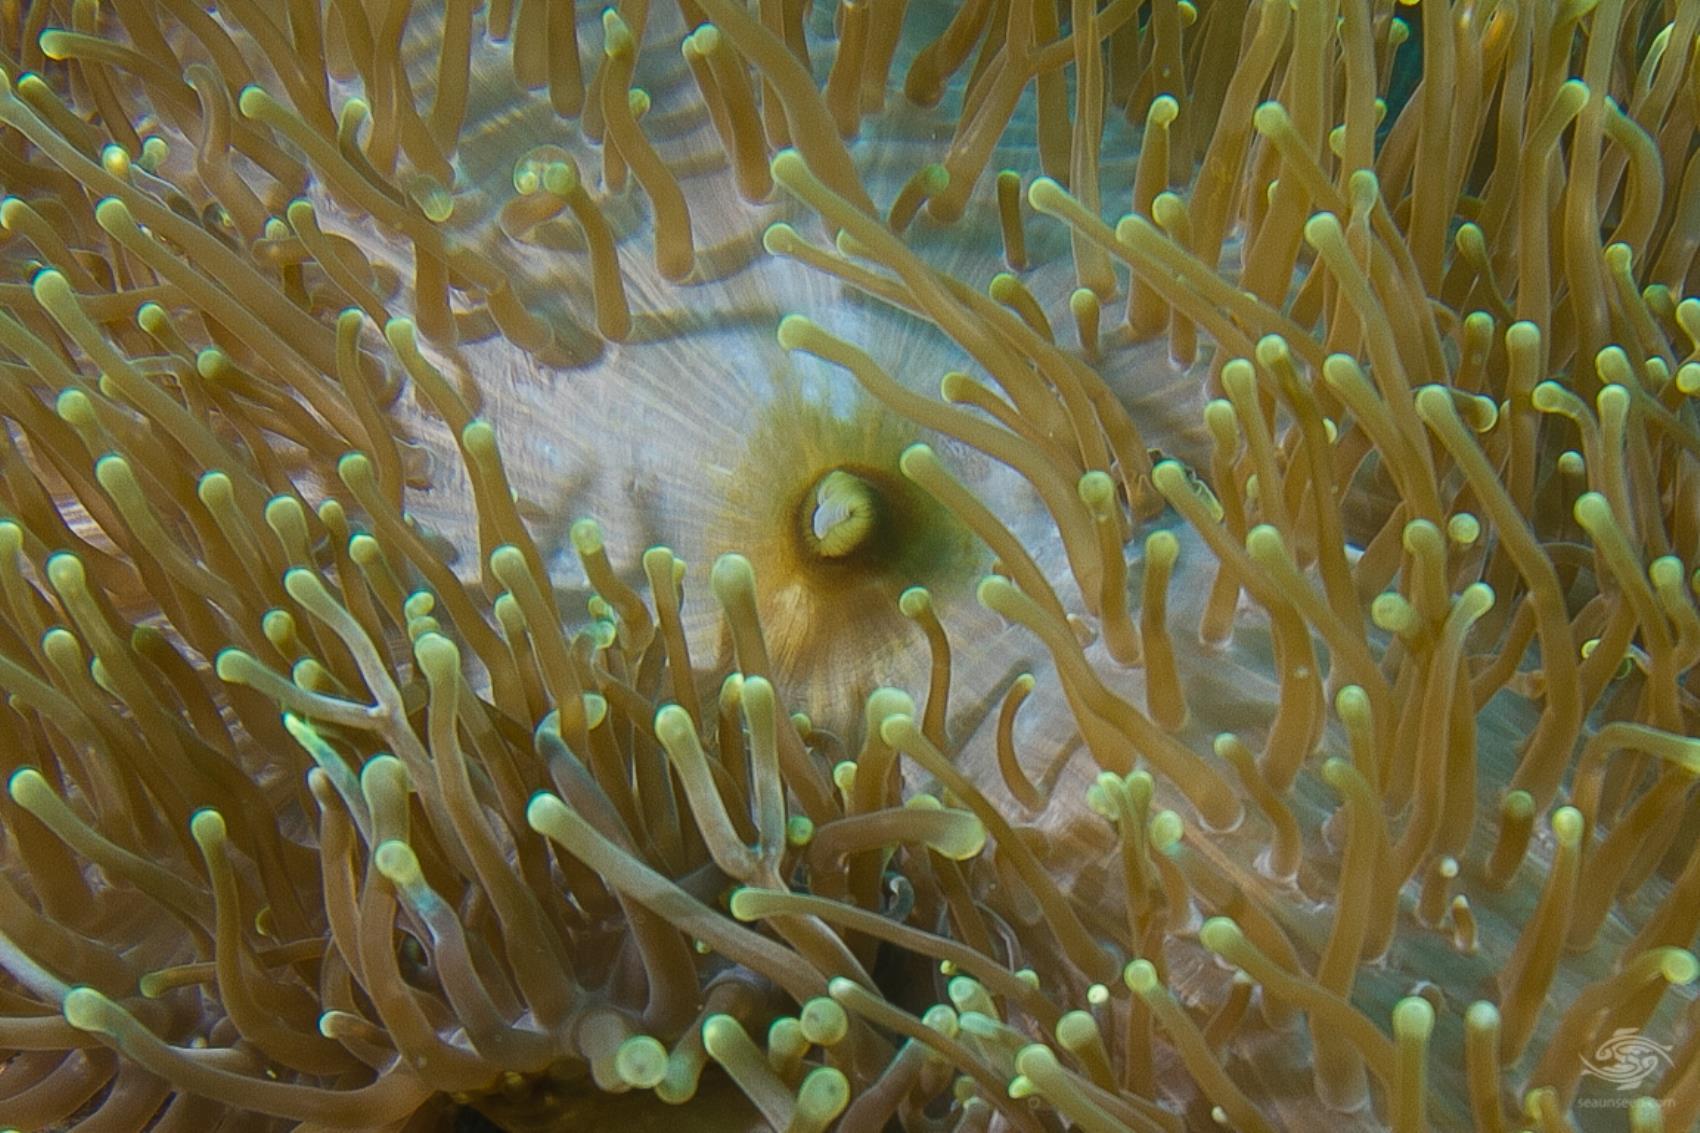 magnificent sea anemone, Heteractis magnifica